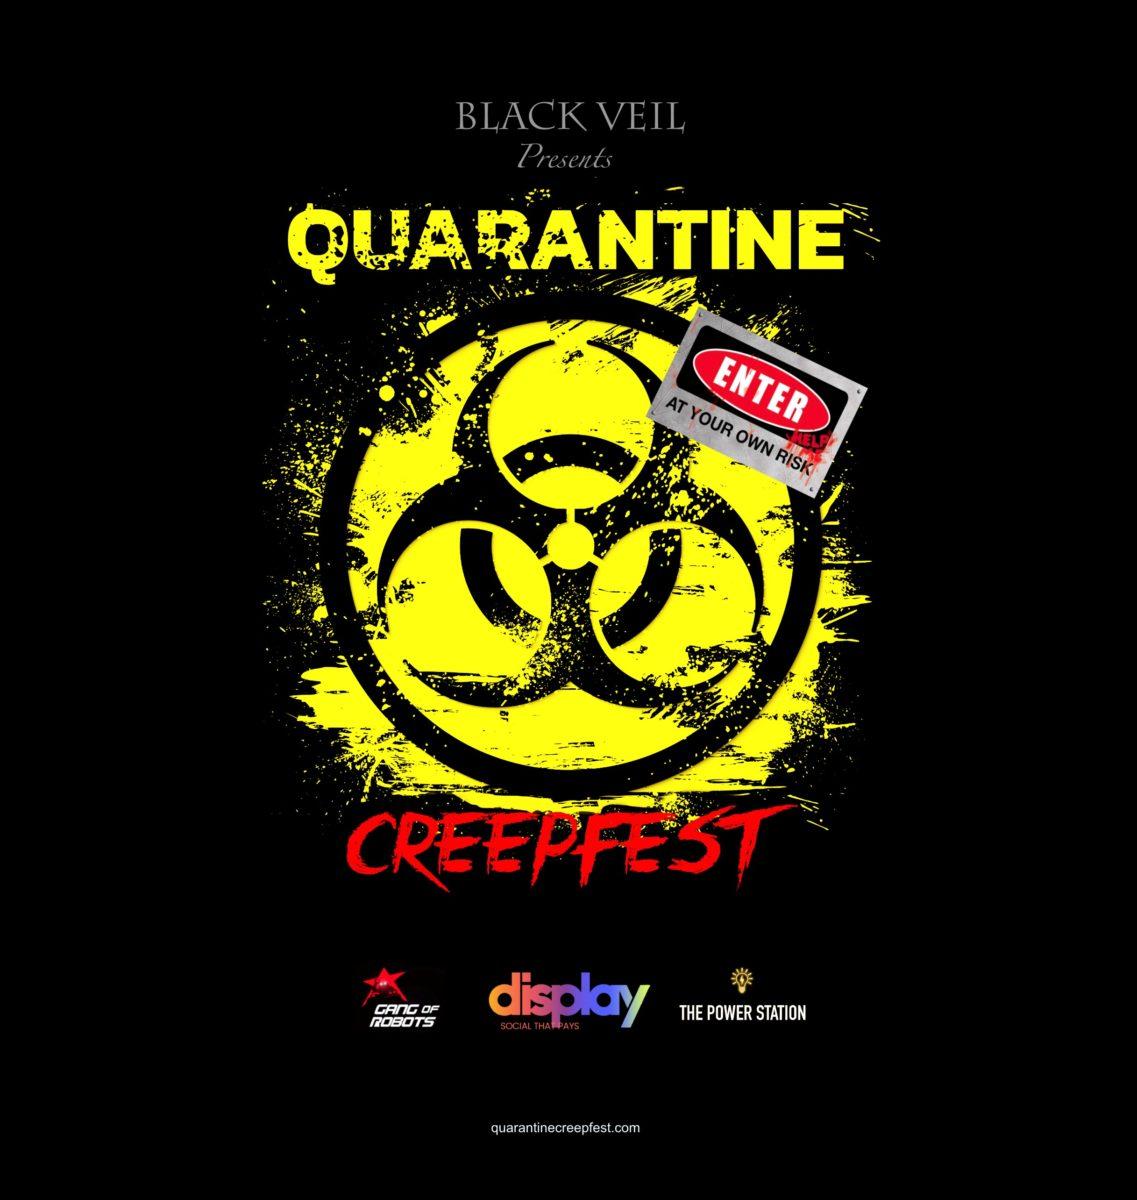 Quarantine Creepfest!